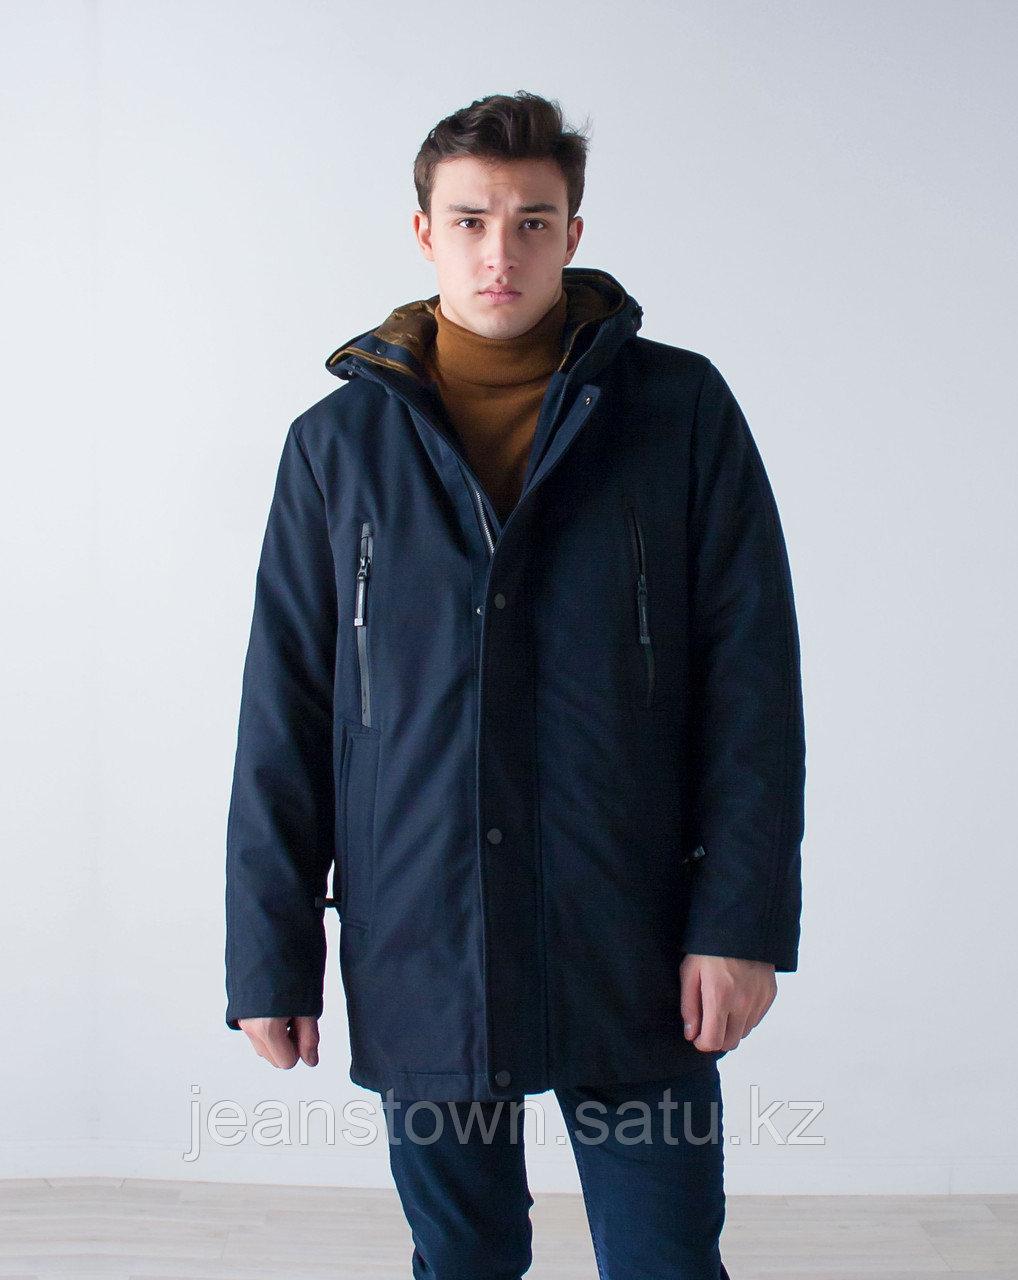 Куртка мужская зимняя City Class длинная,на подстежке - фото 1